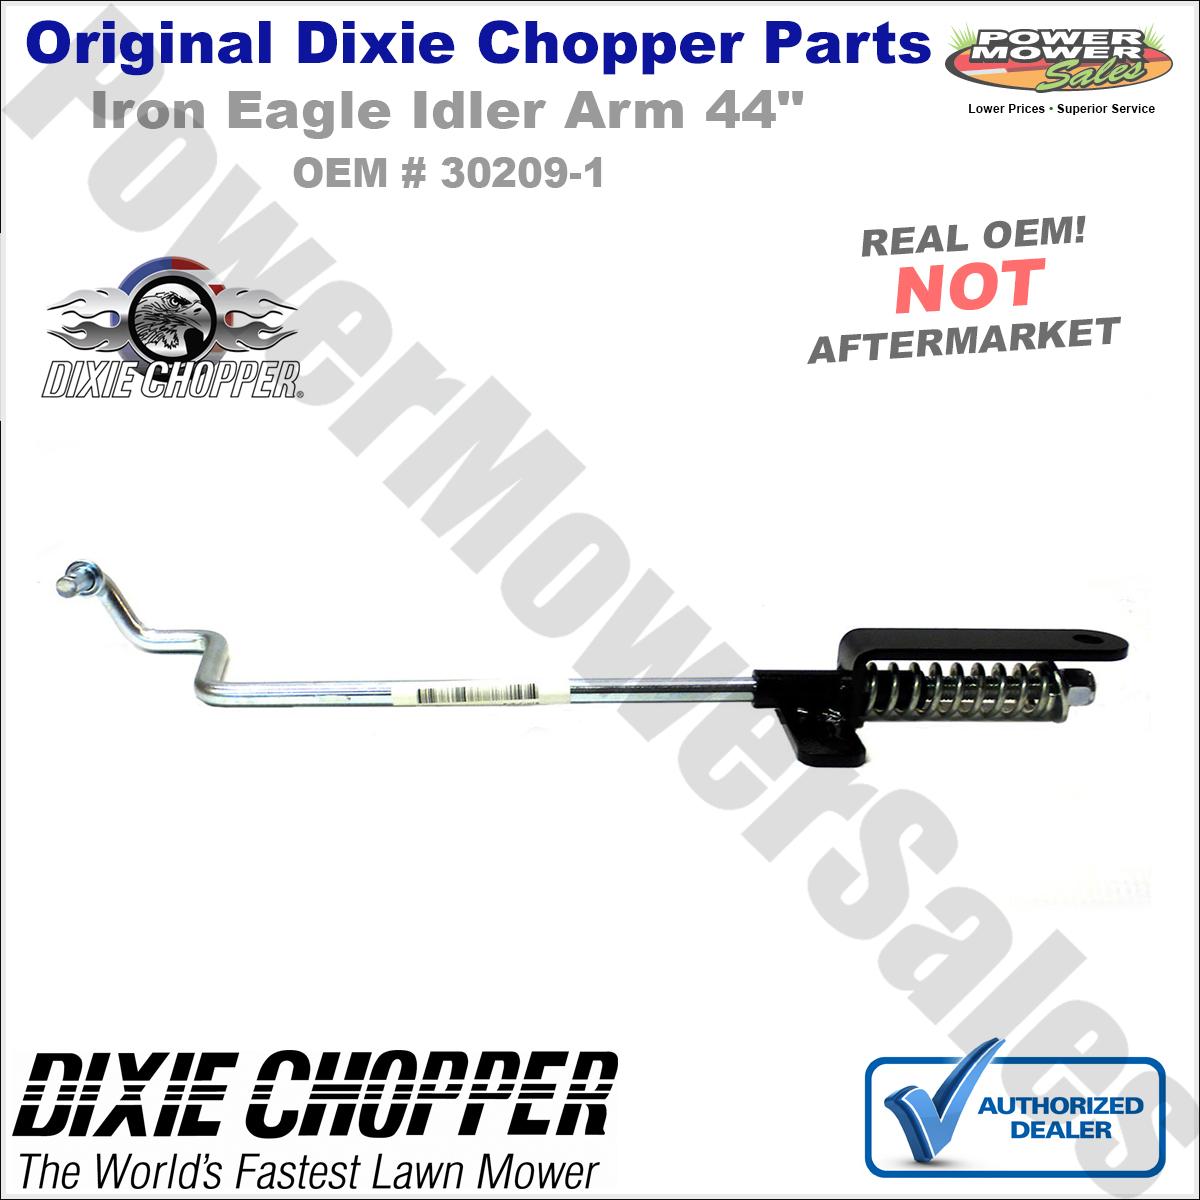 Details about 30209-1 Dixie Chopper 44